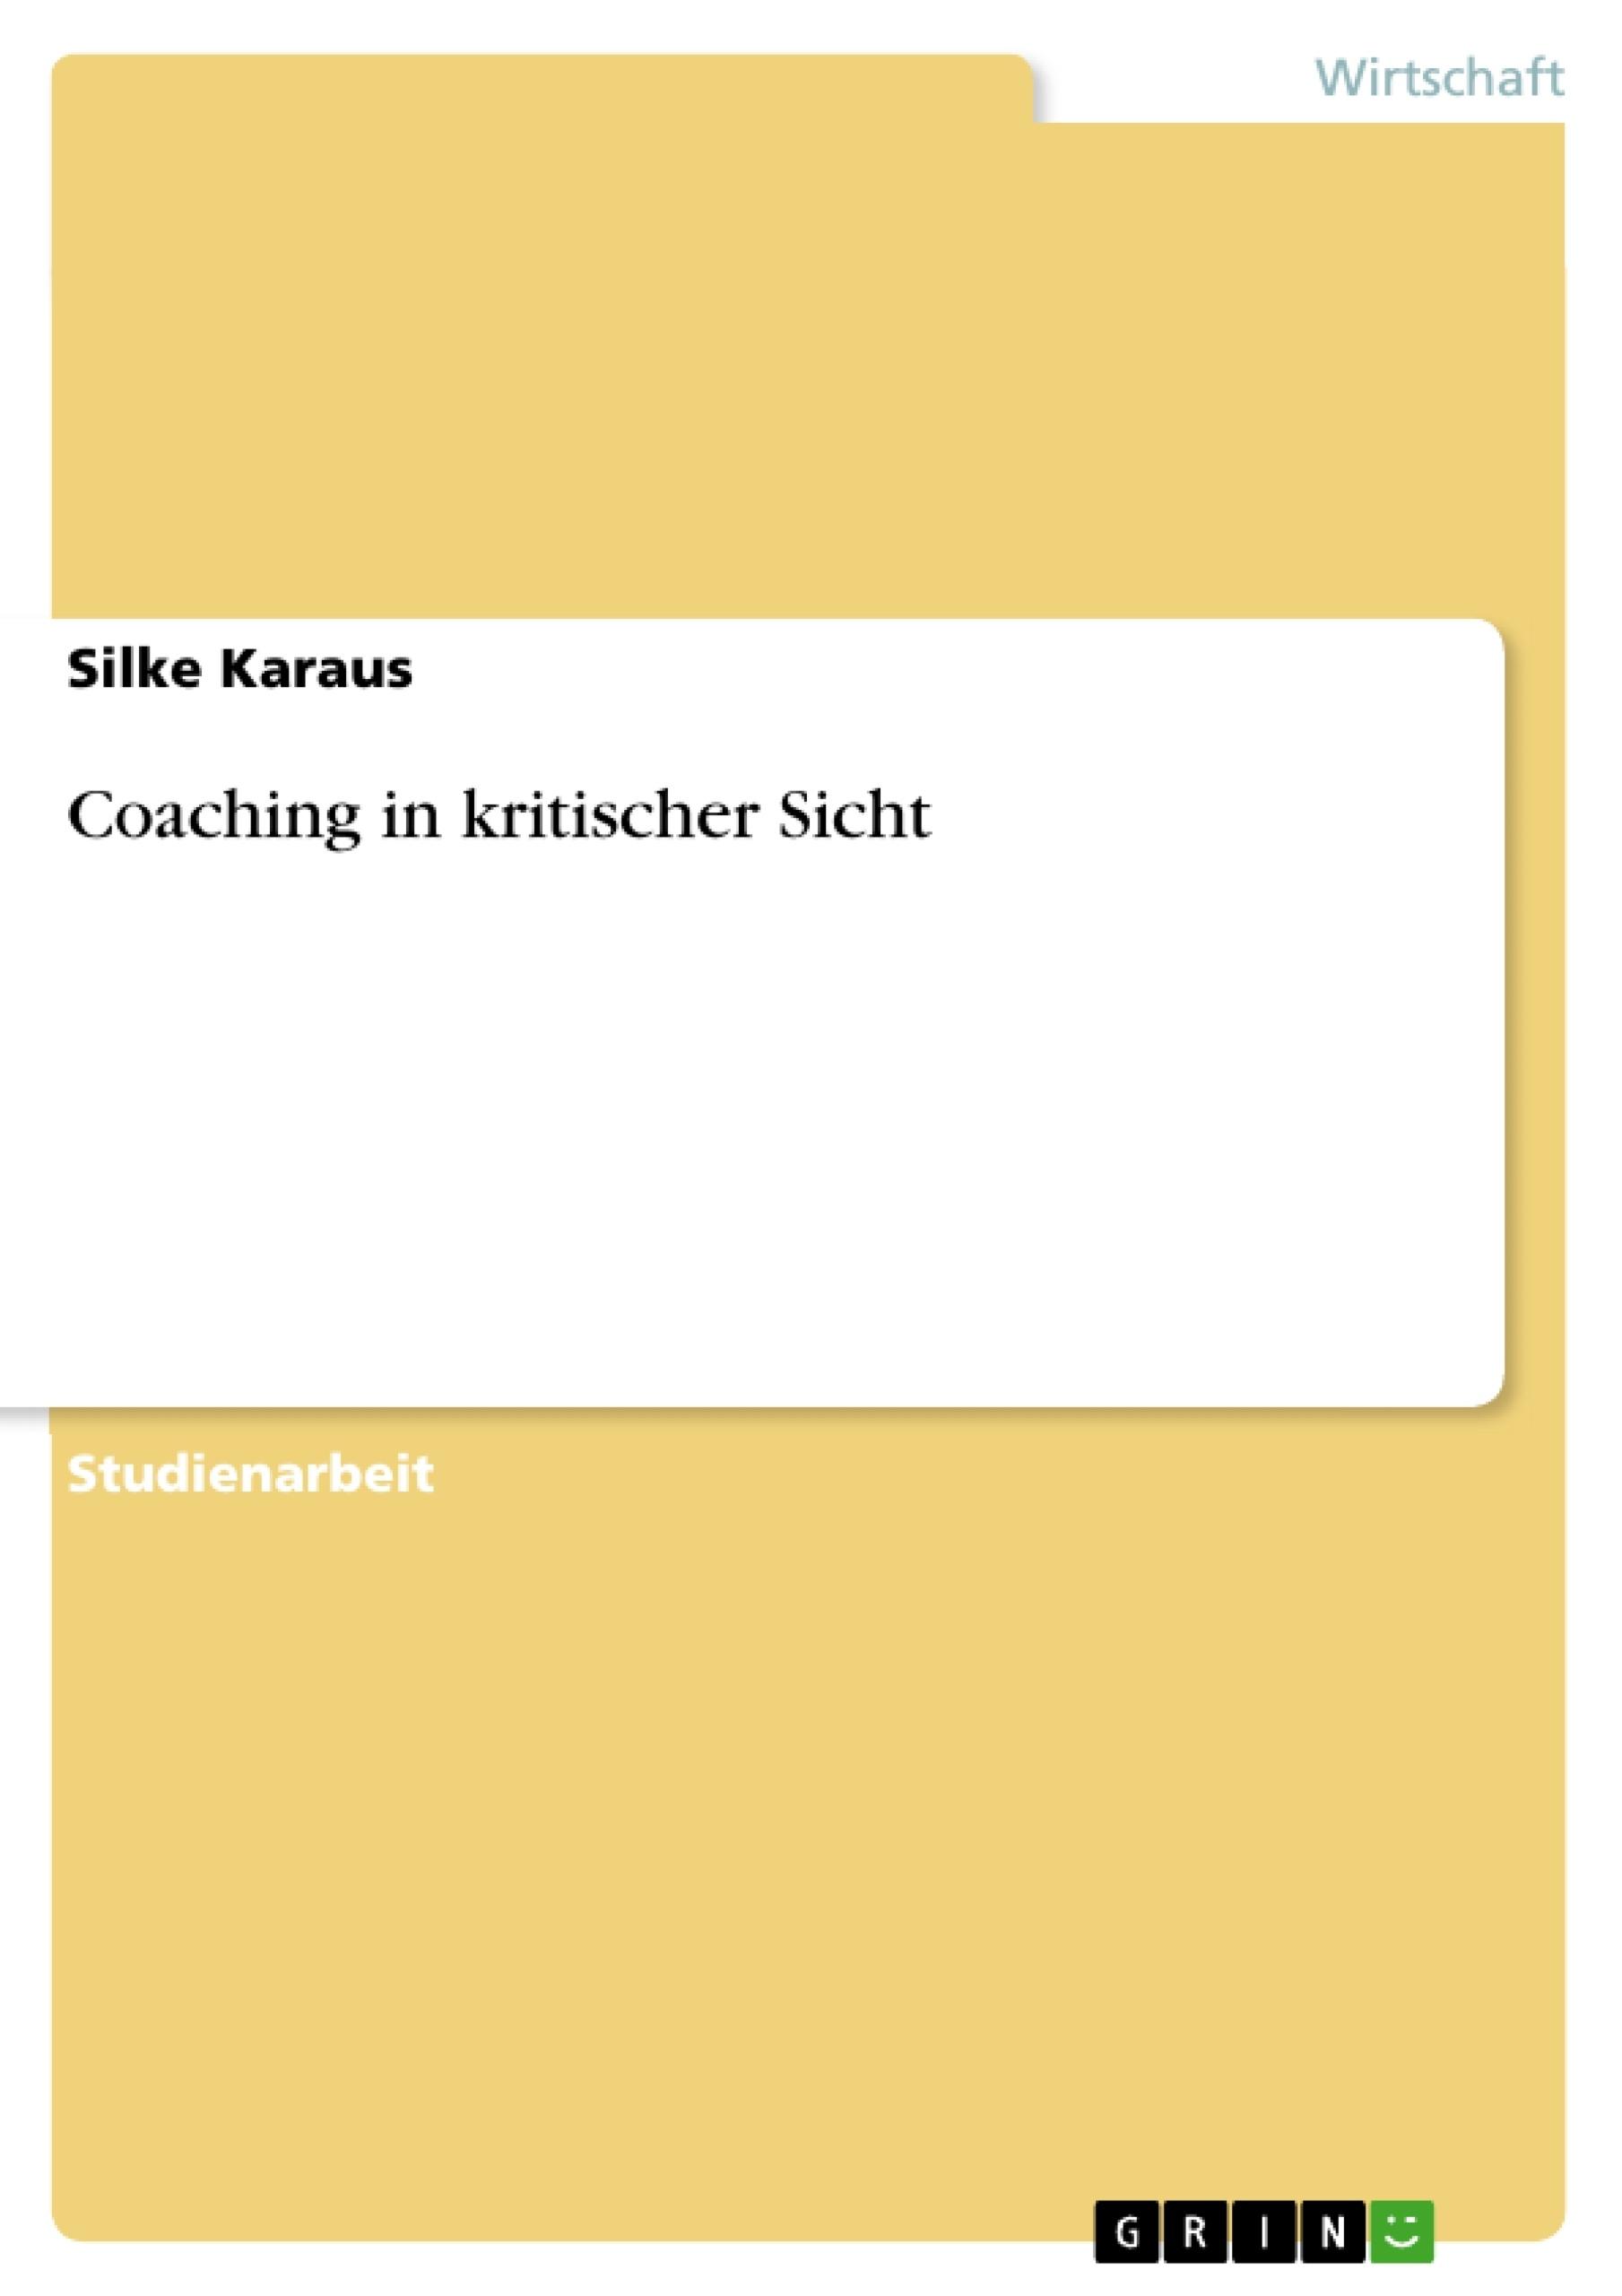 Titel: Coaching in kritischer Sicht